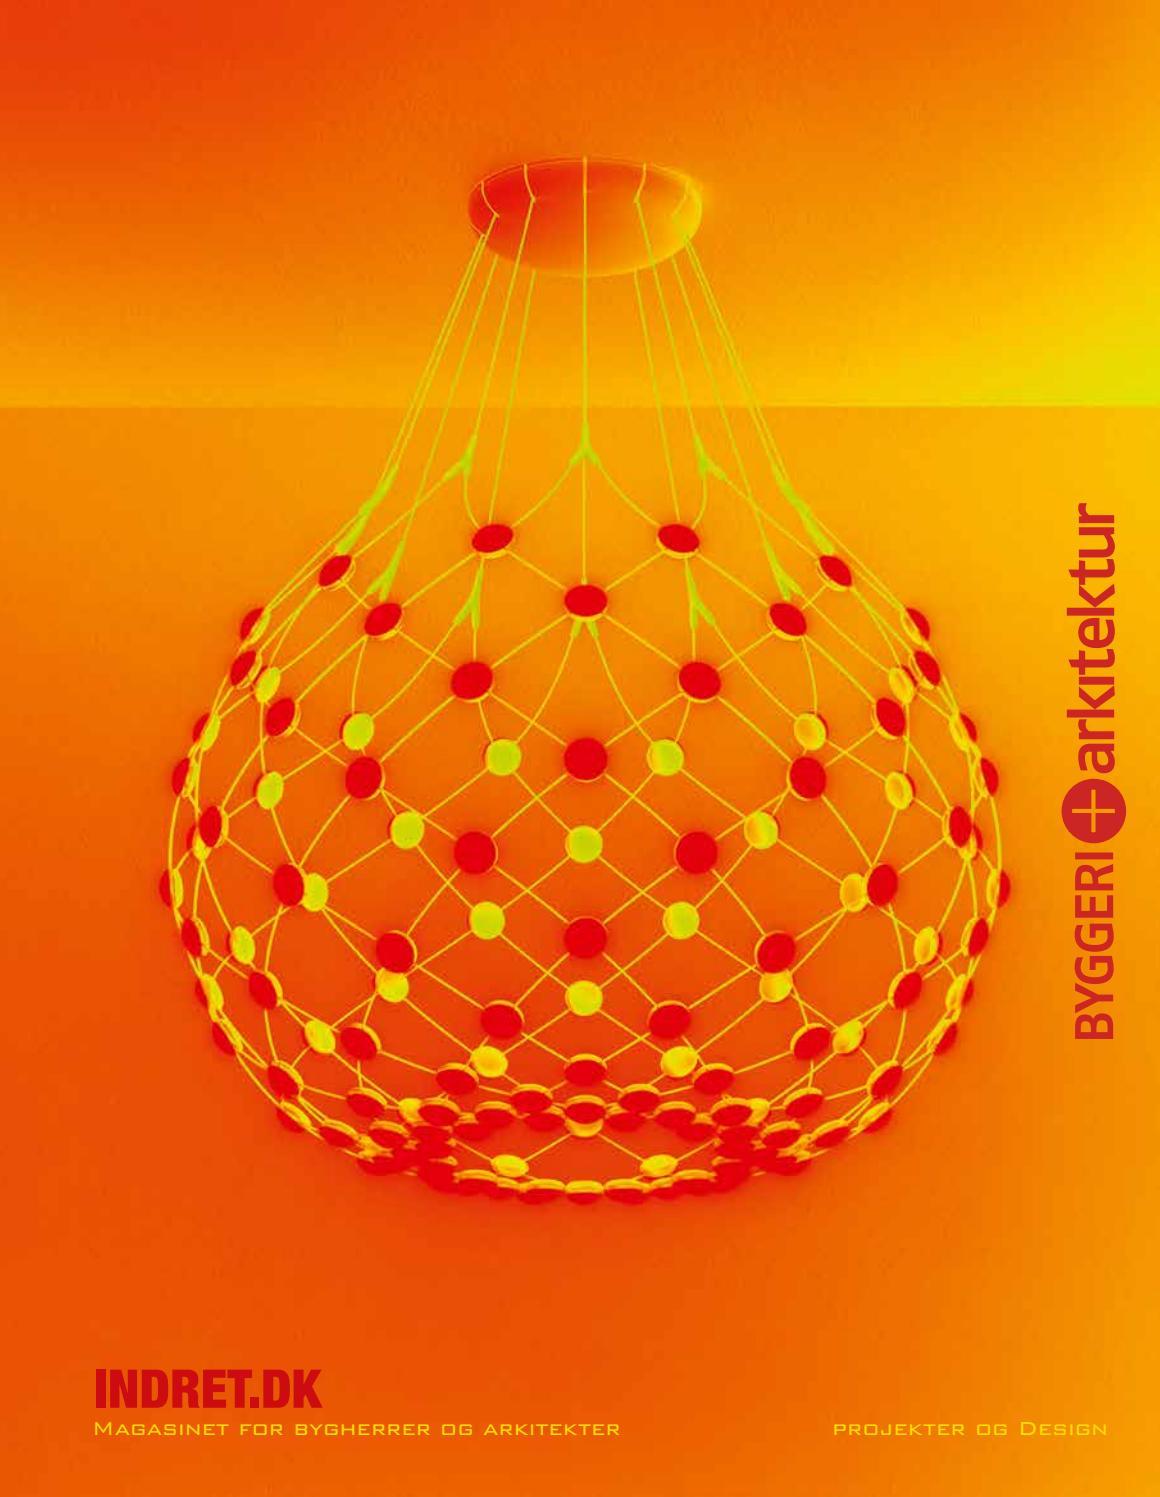 0d34d8be6c4 Byggeri arkitektur #75 by MediaXpress Interaktiv - issuu